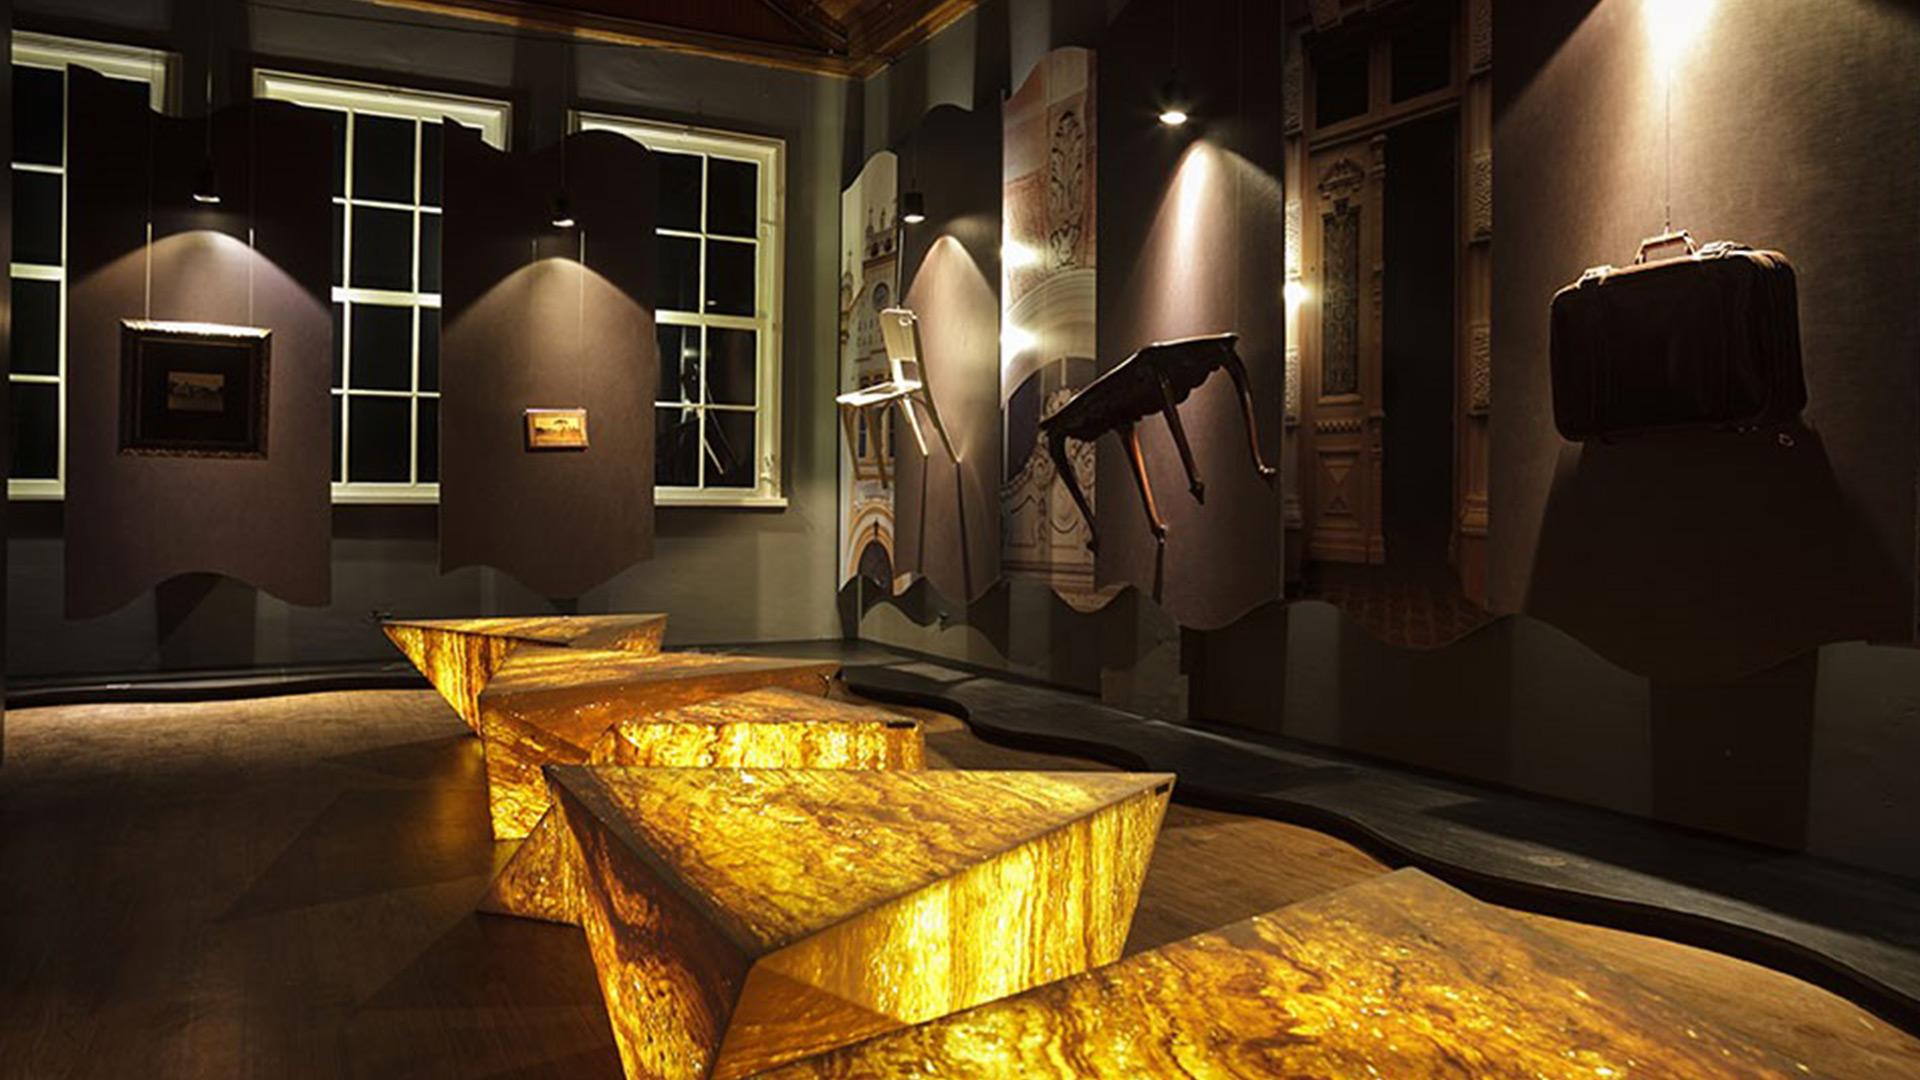 Itens de decoração também podem ganhar revestimento de rochas ornamentais. Na imagem, composição da arquiteta Katalin Stammer.